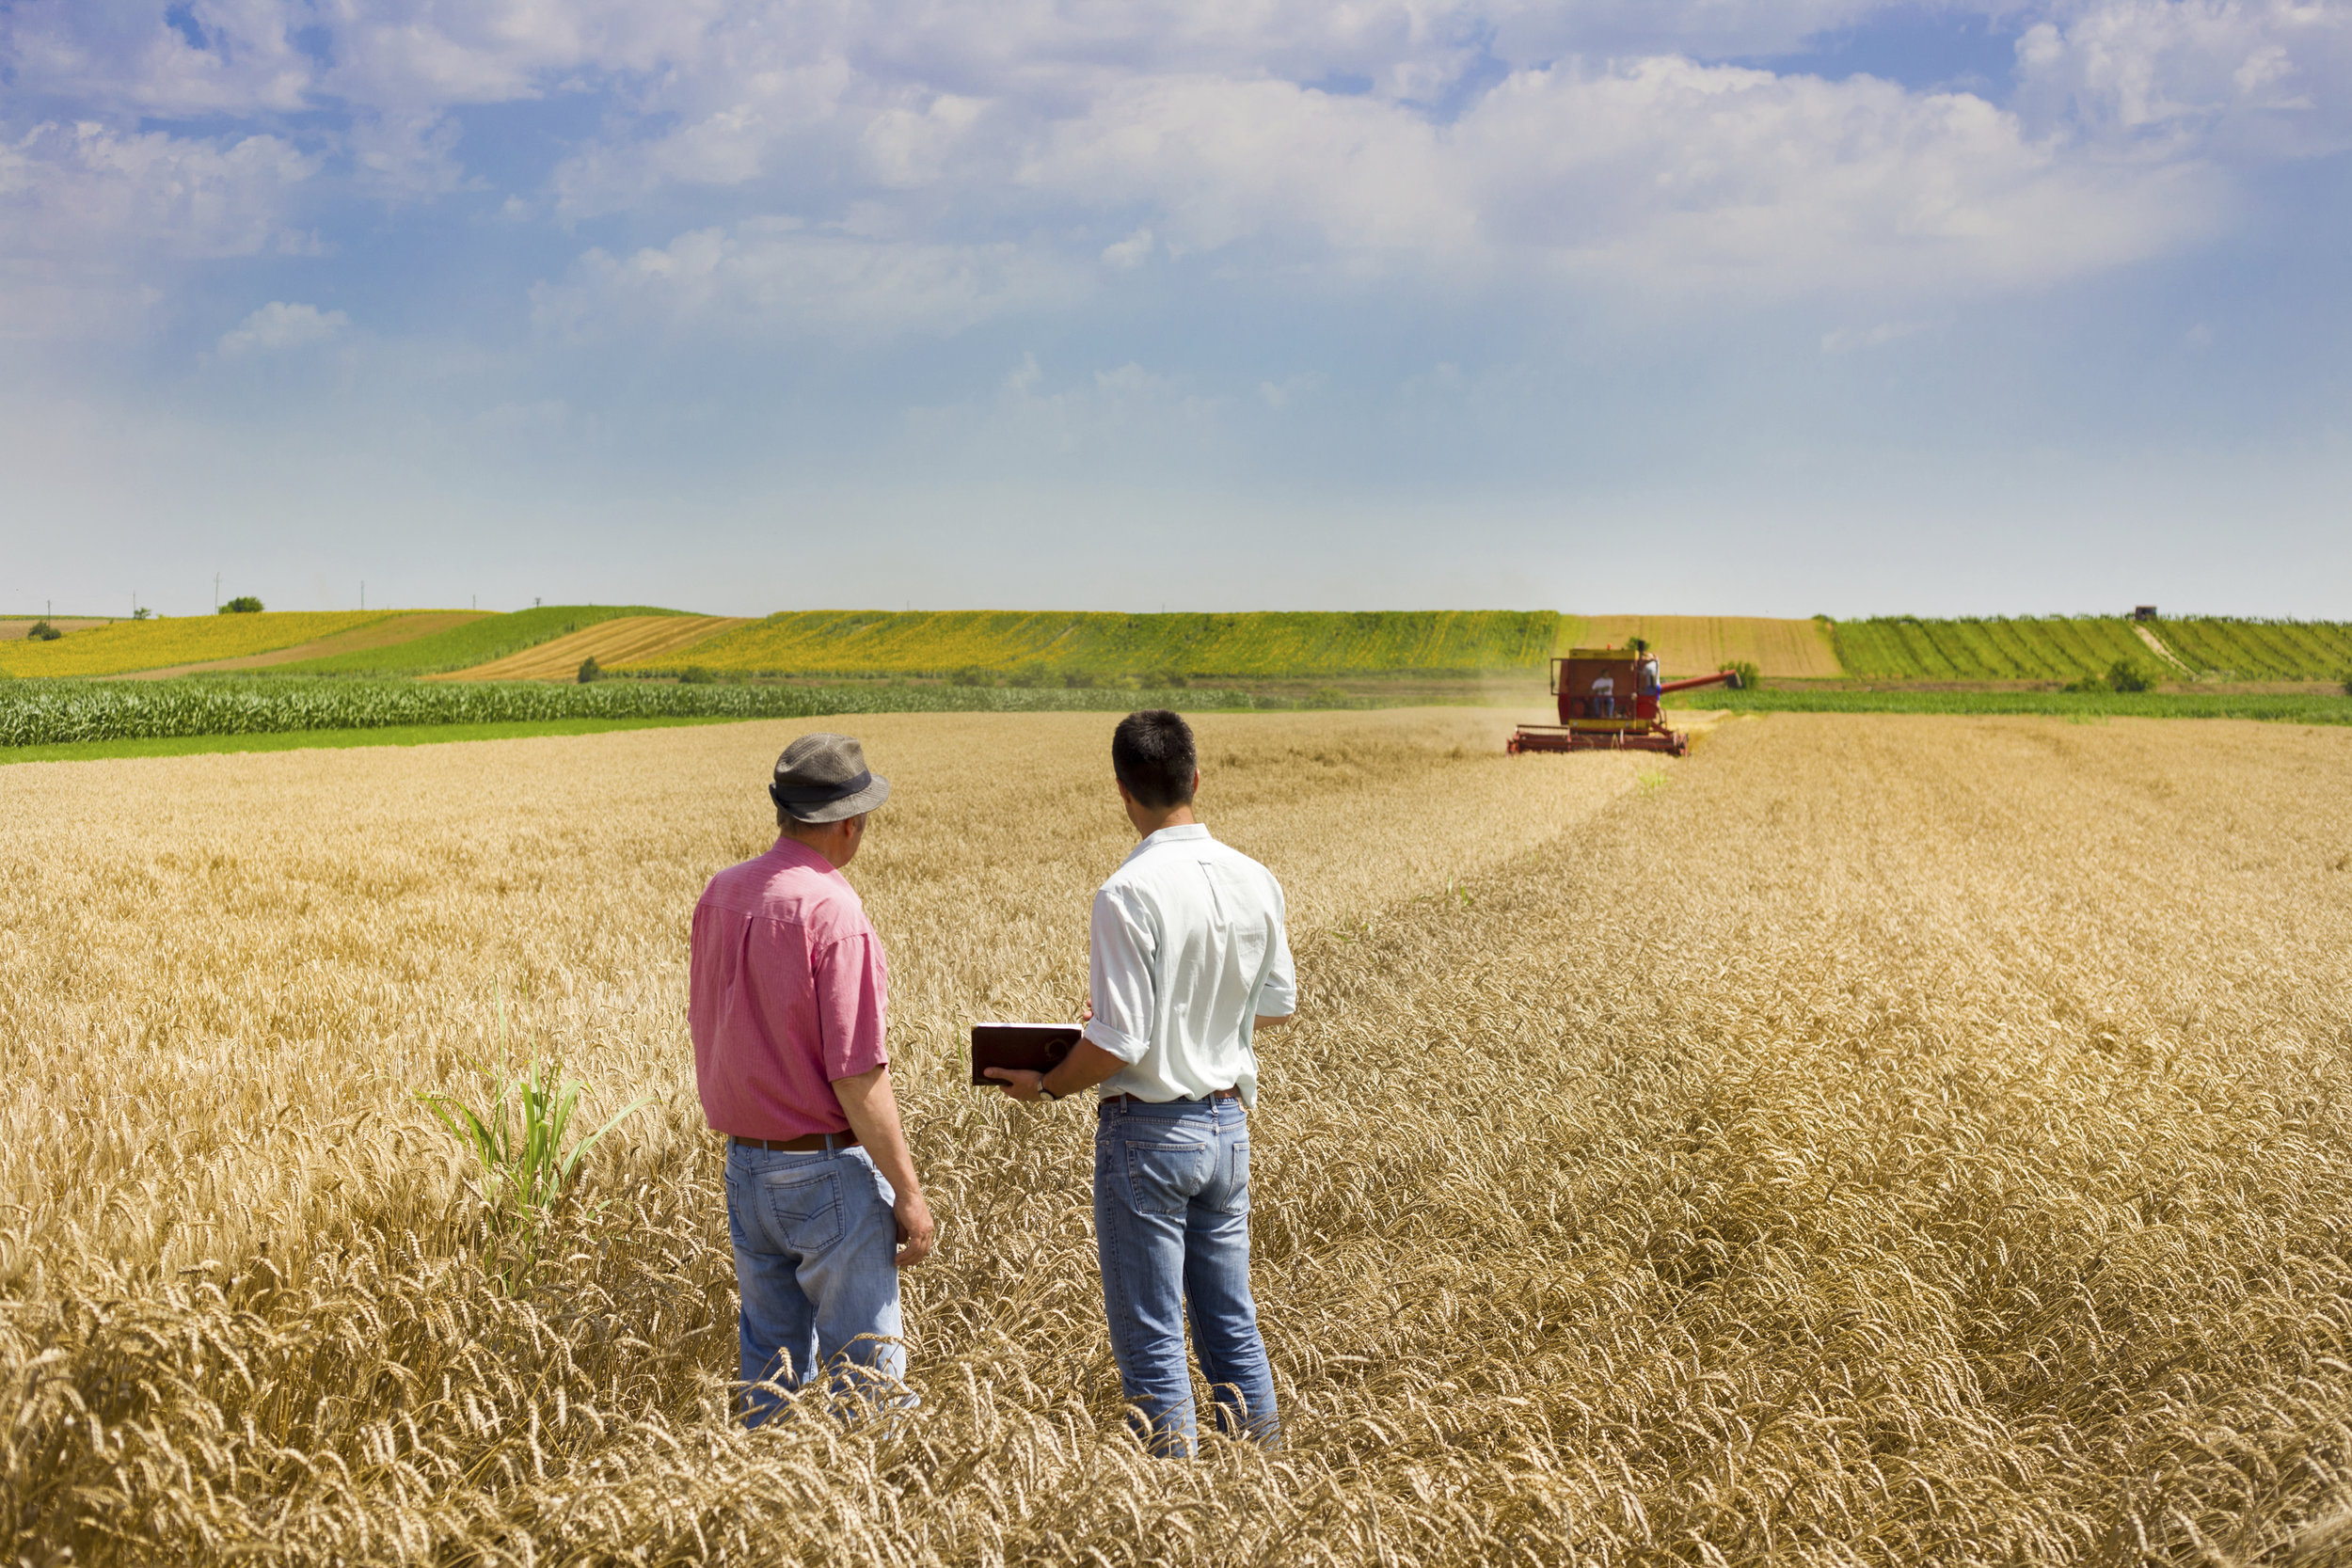 Curso online grátis de Administração Rural